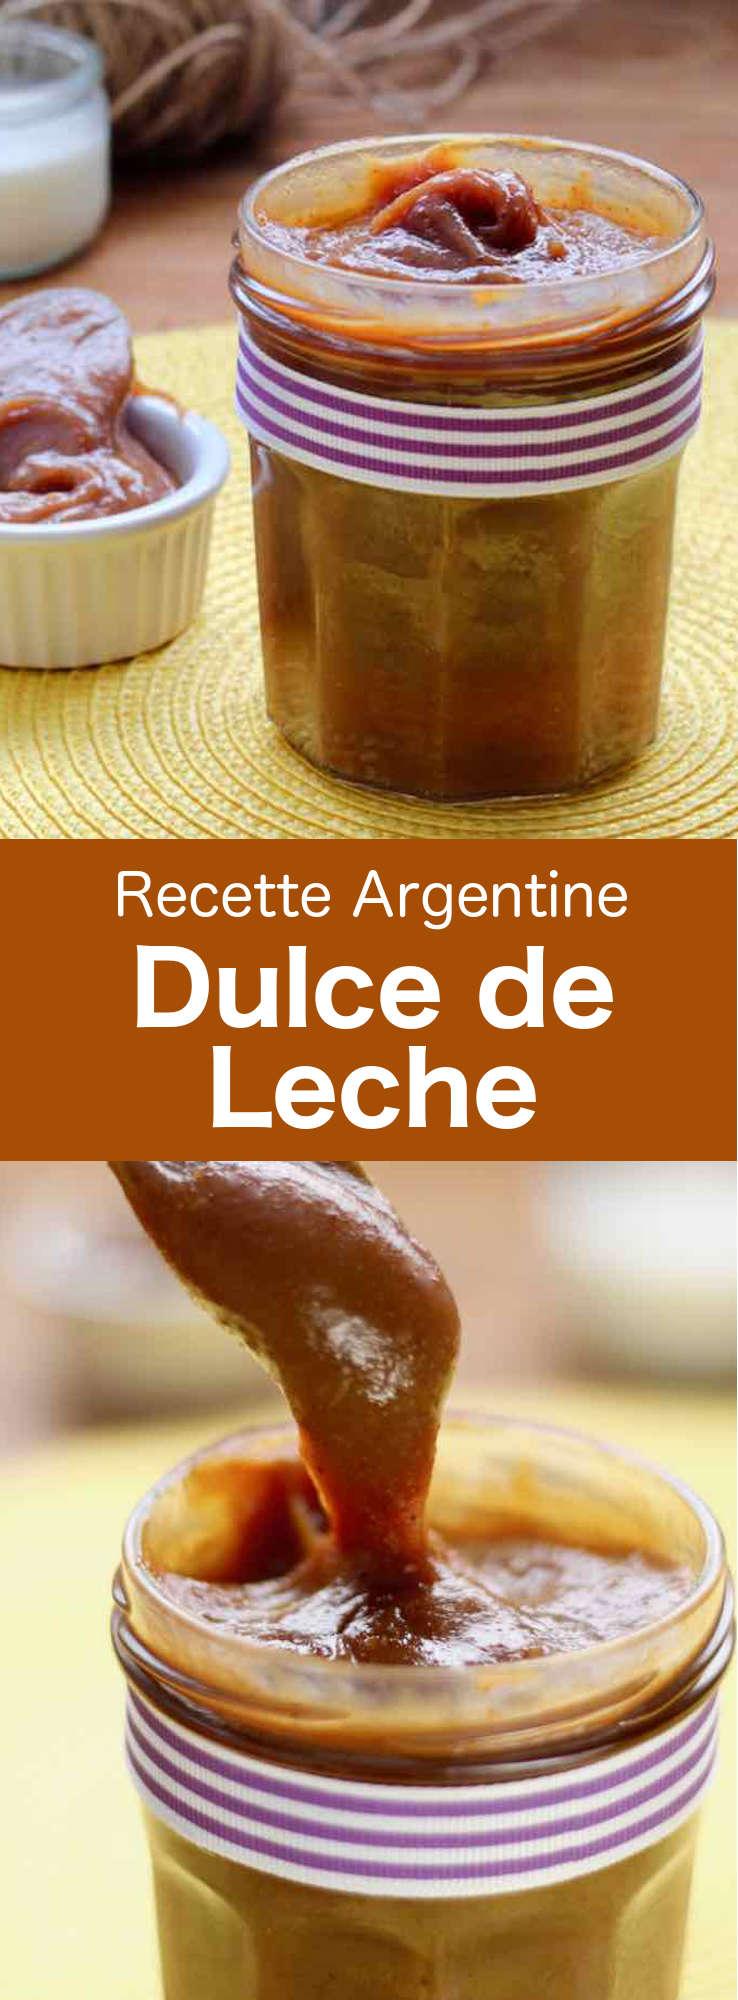 Le dulce de leche (ou confiture de lait), produite par la condensation du lait et du sucre, est un ingrédient très populaire en Amérique latine et en Espagne. #Argentine #CuisineArgentine #RecetteArgentine #CuisineDuMonde #196flavors